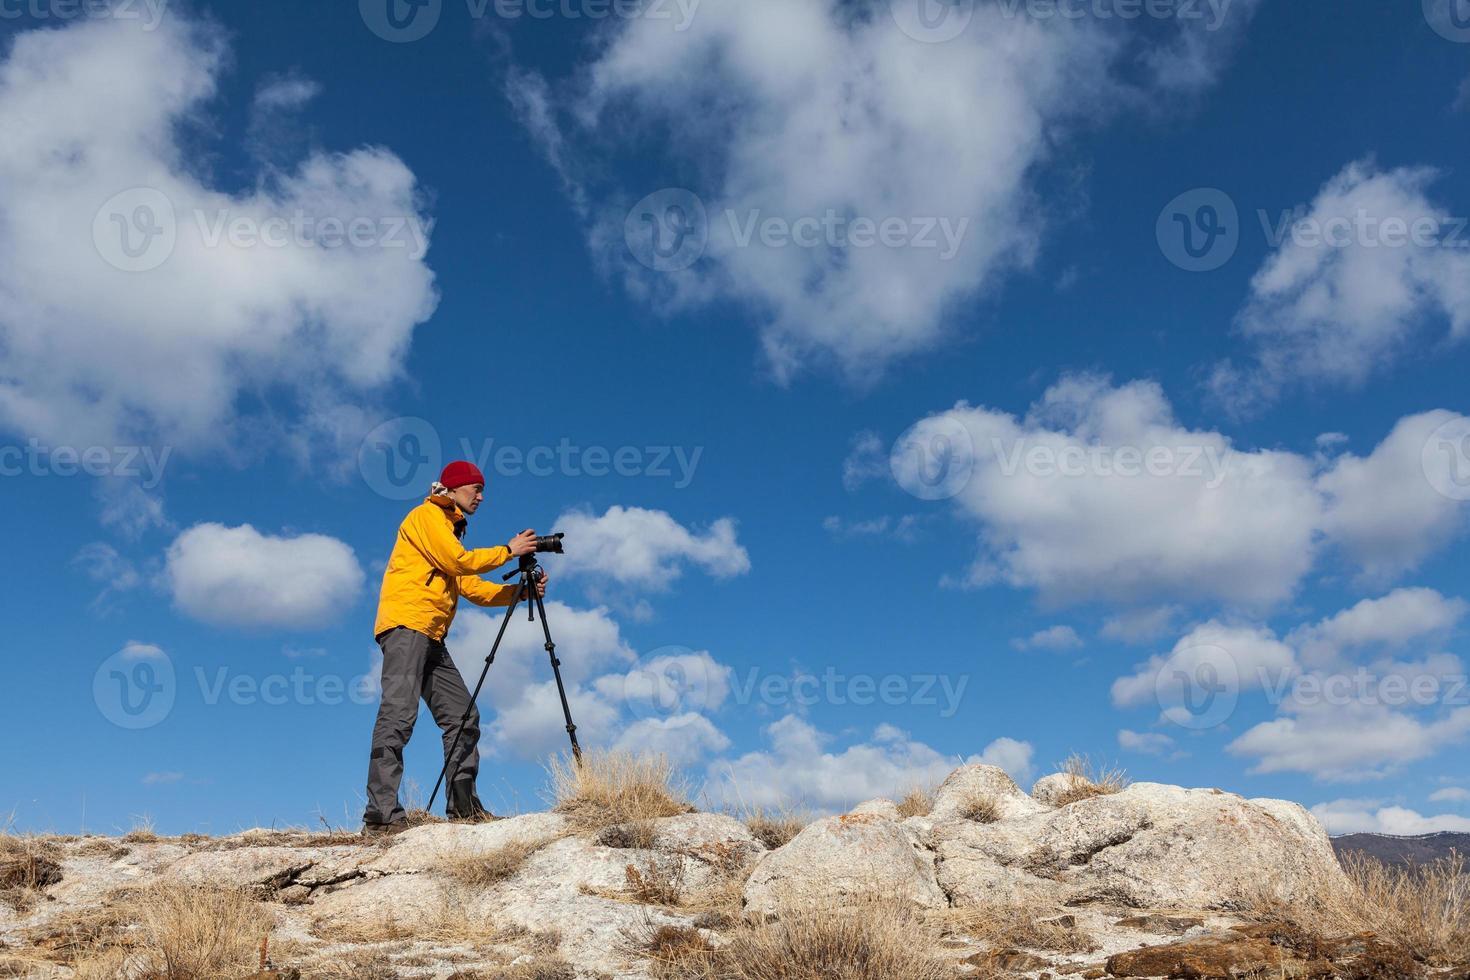 fotograaf neemt foto